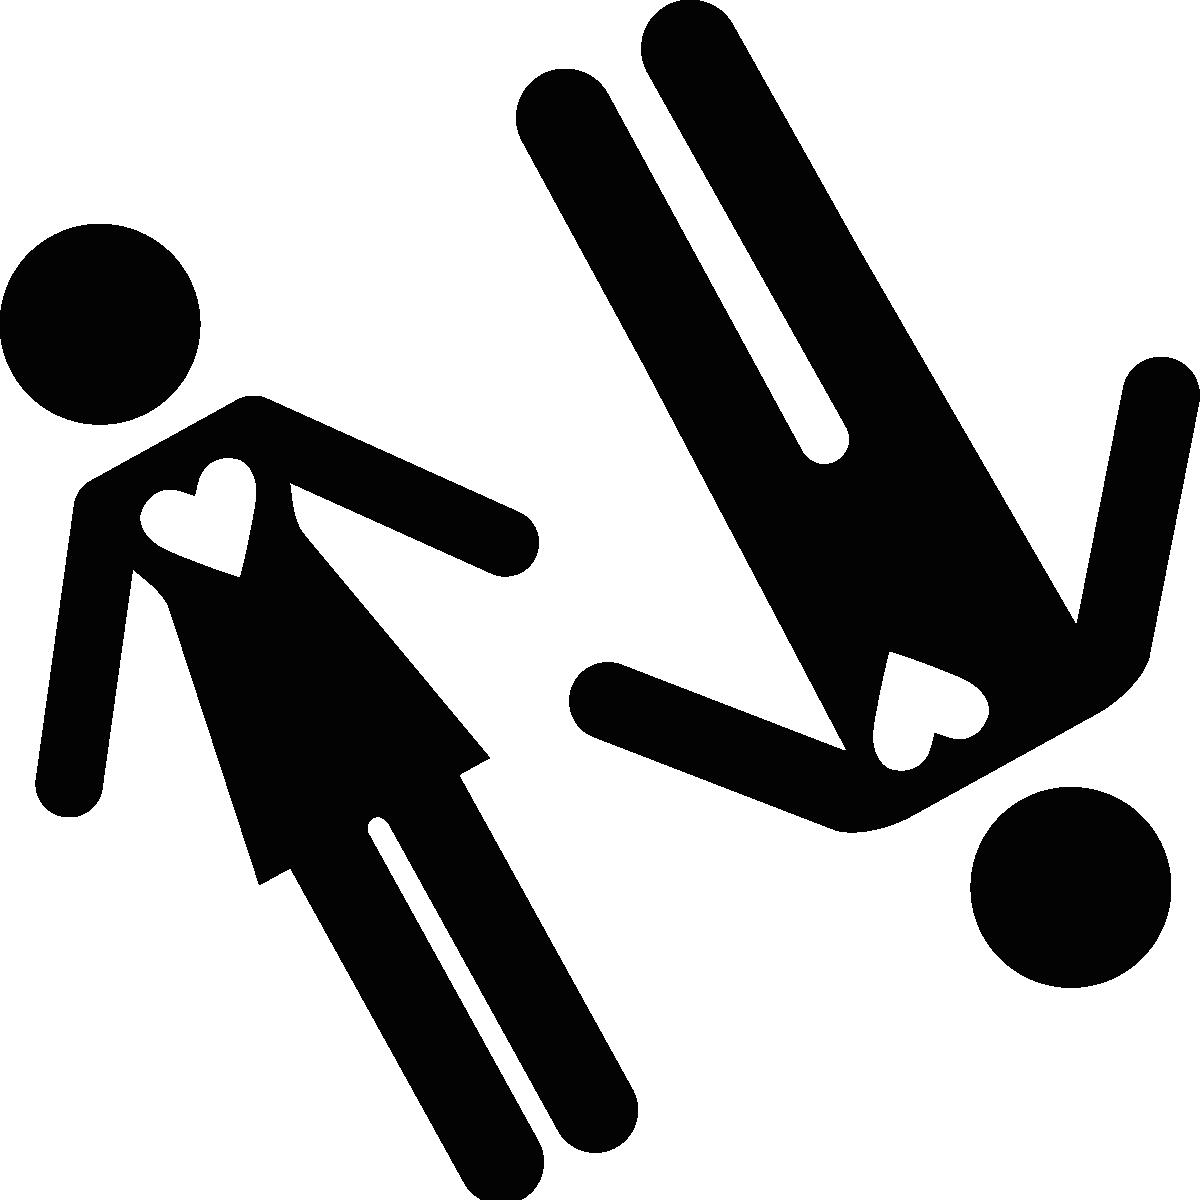 symbole homme femme vecteurs et 28 images ao 251 t 2011 monsaclay fr stickers symbole homme. Black Bedroom Furniture Sets. Home Design Ideas